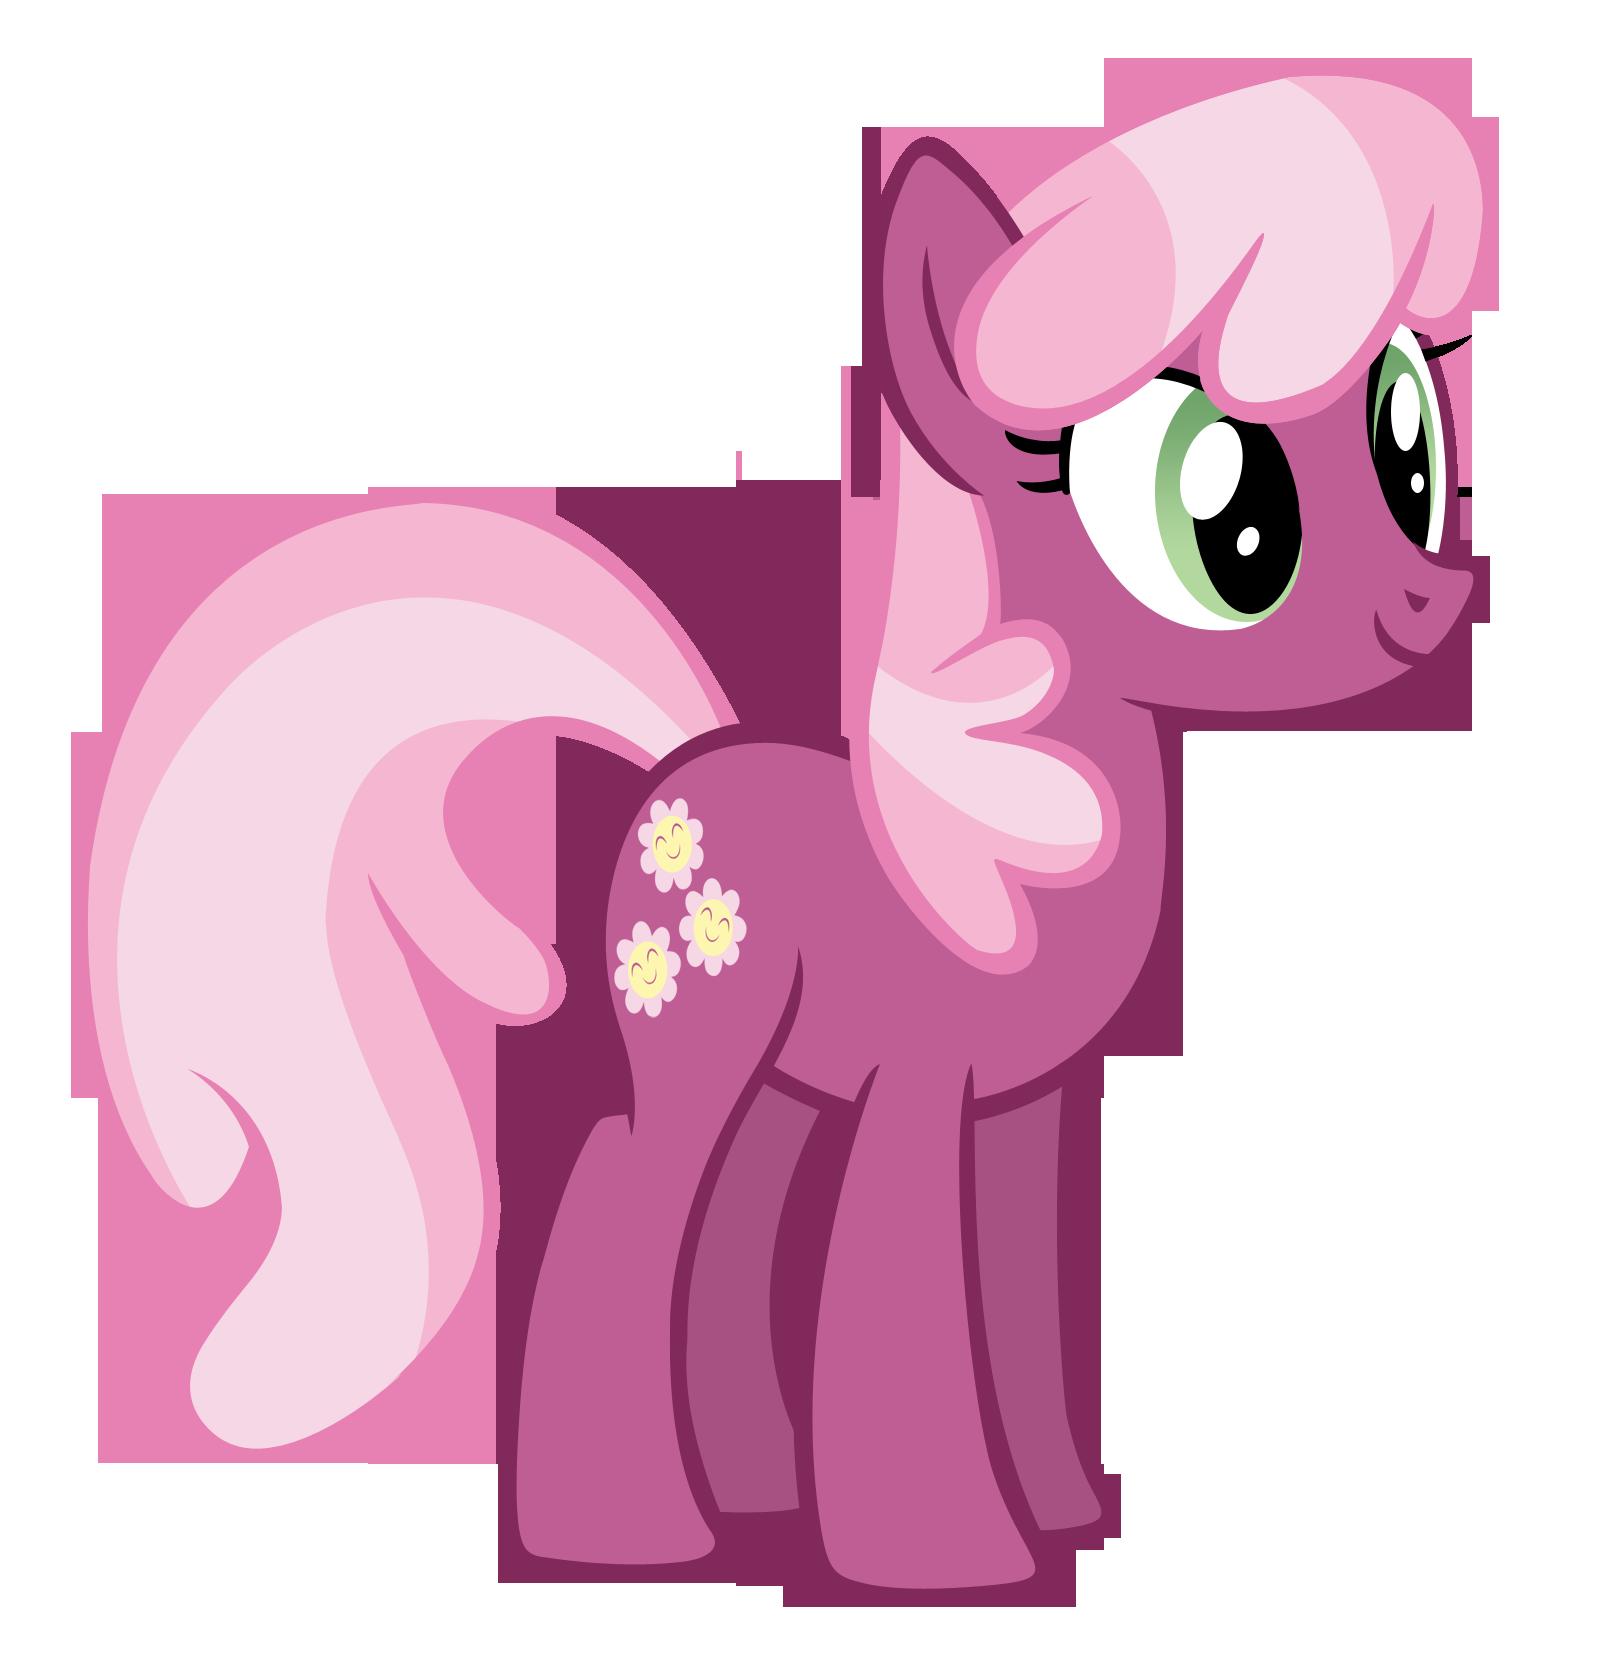 Cheerilee my little pony infinite loops wiki fandom - My little pony wikia ...